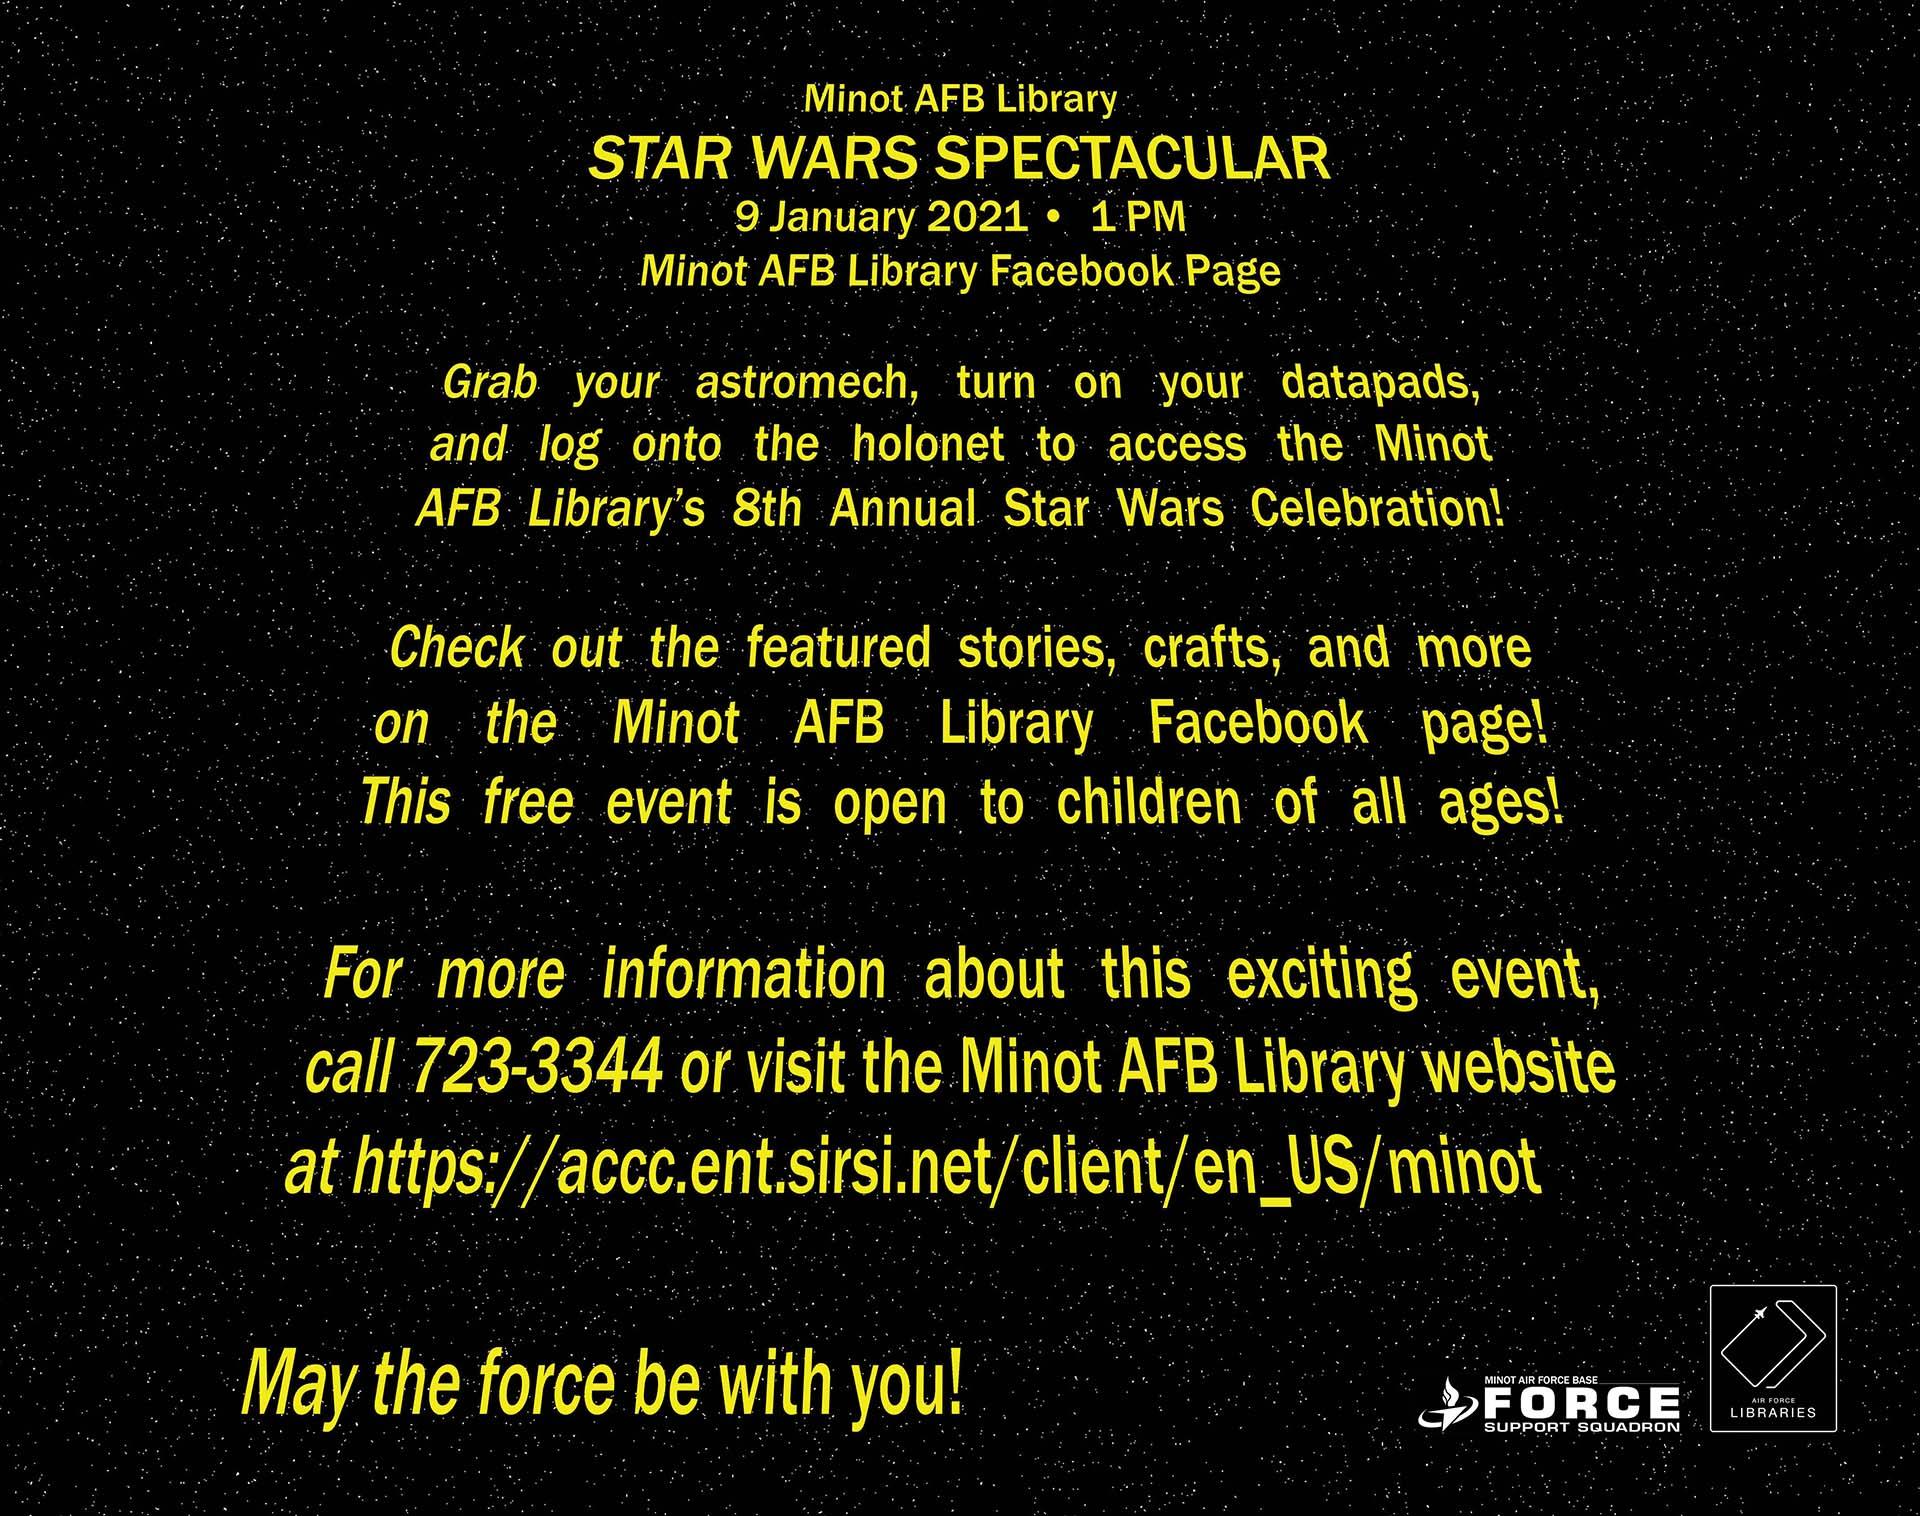 Star Wars Spectacular - ONLINE